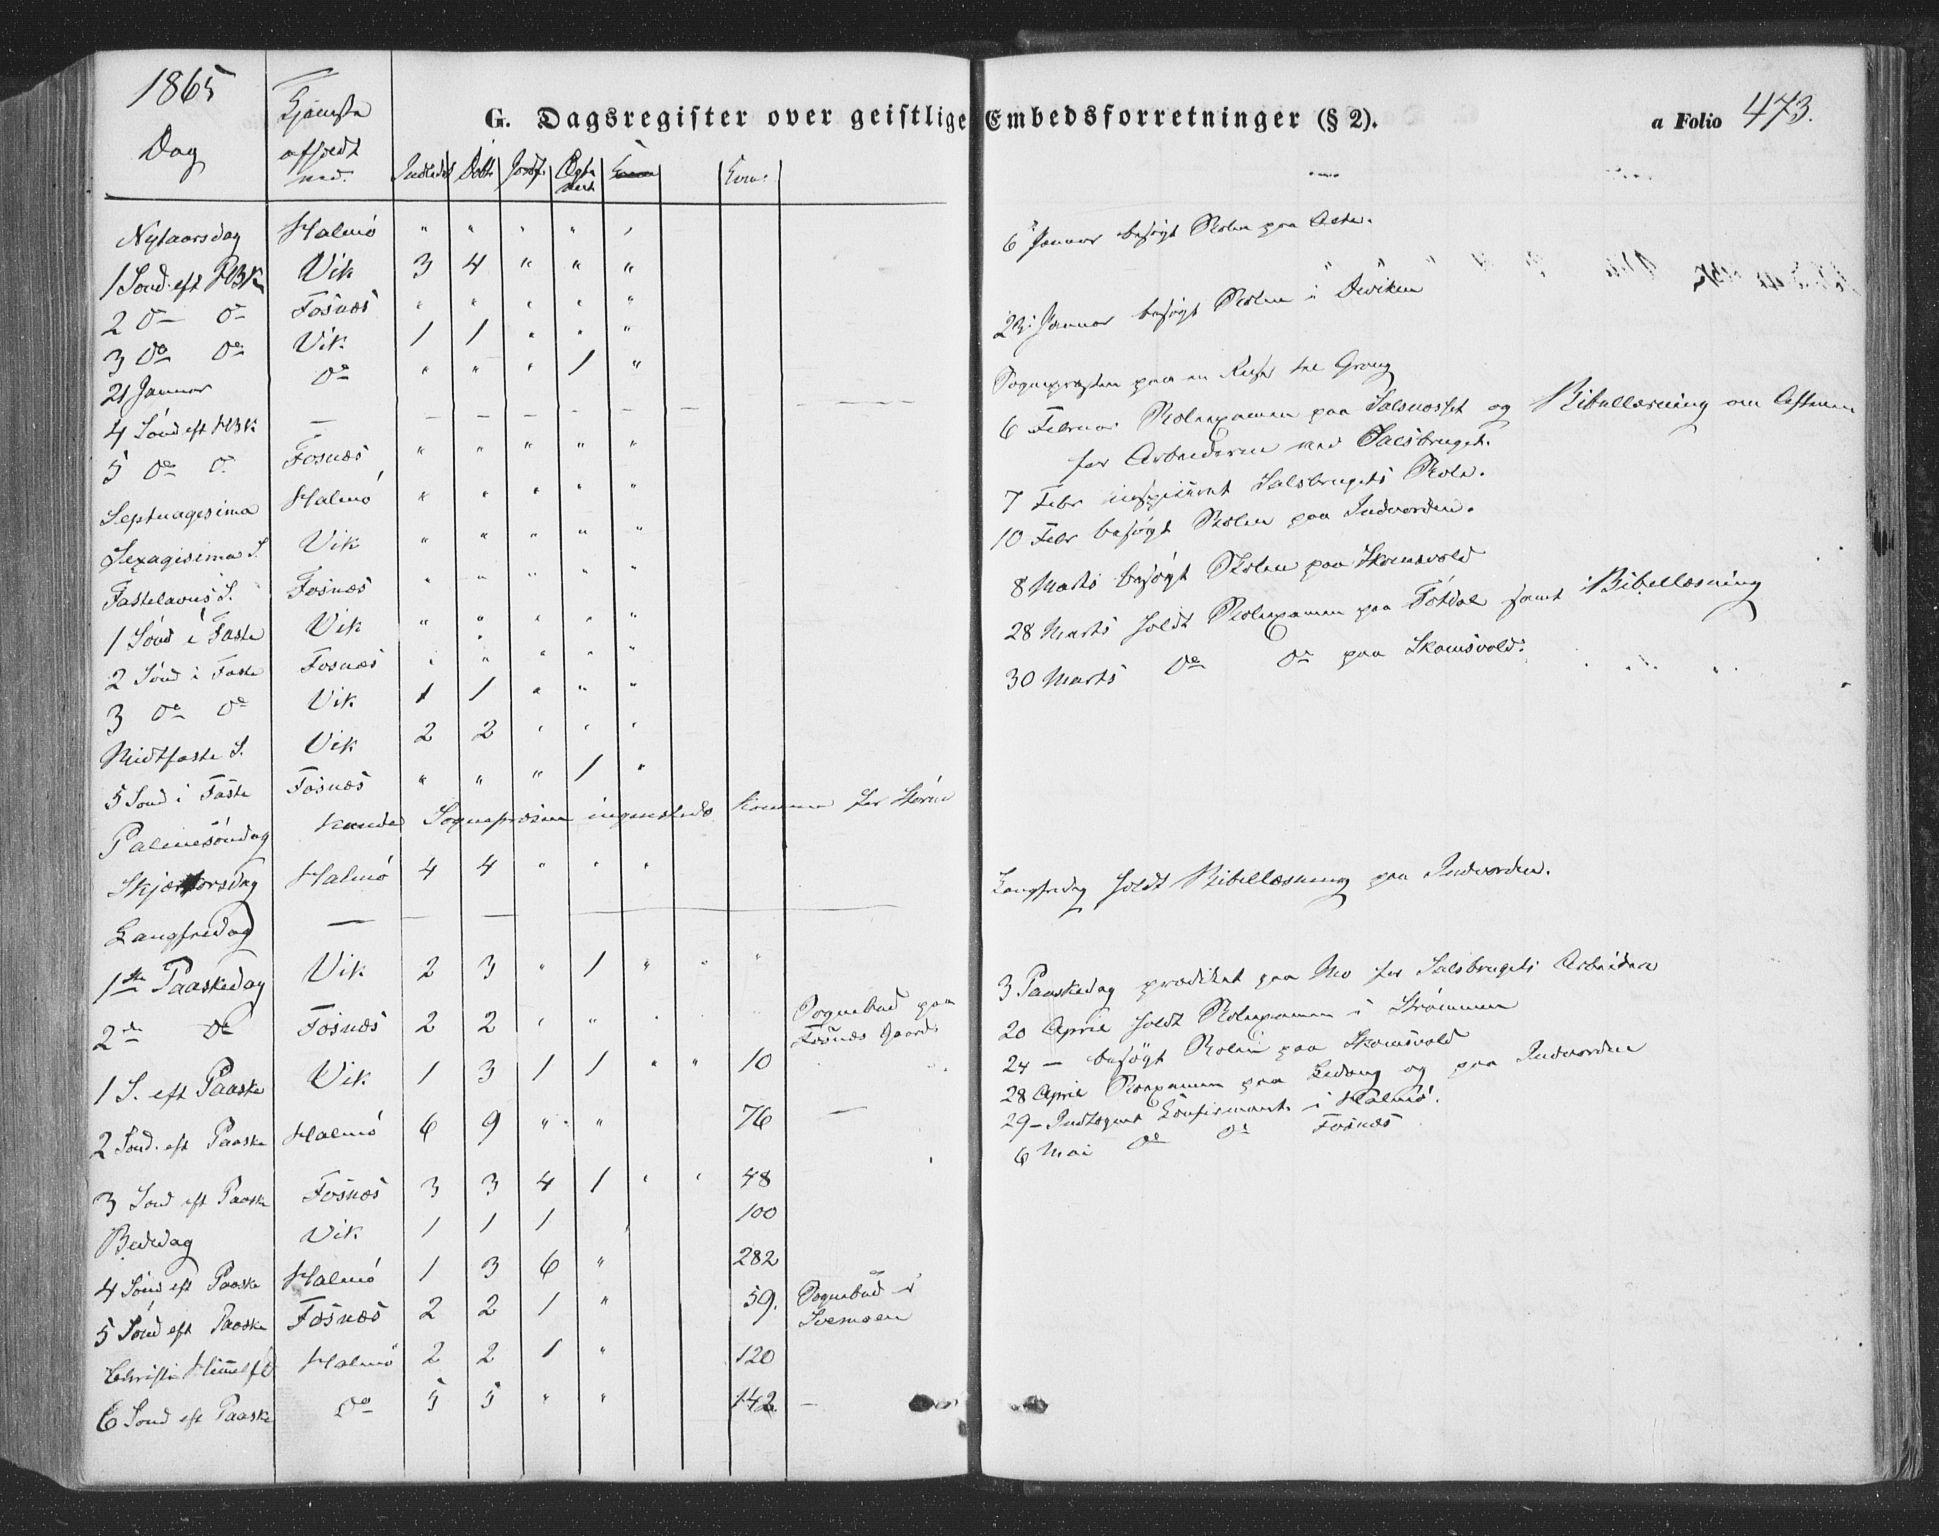 SAT, Ministerialprotokoller, klokkerbøker og fødselsregistre - Nord-Trøndelag, 773/L0615: Ministerialbok nr. 773A06, 1857-1870, s. 473